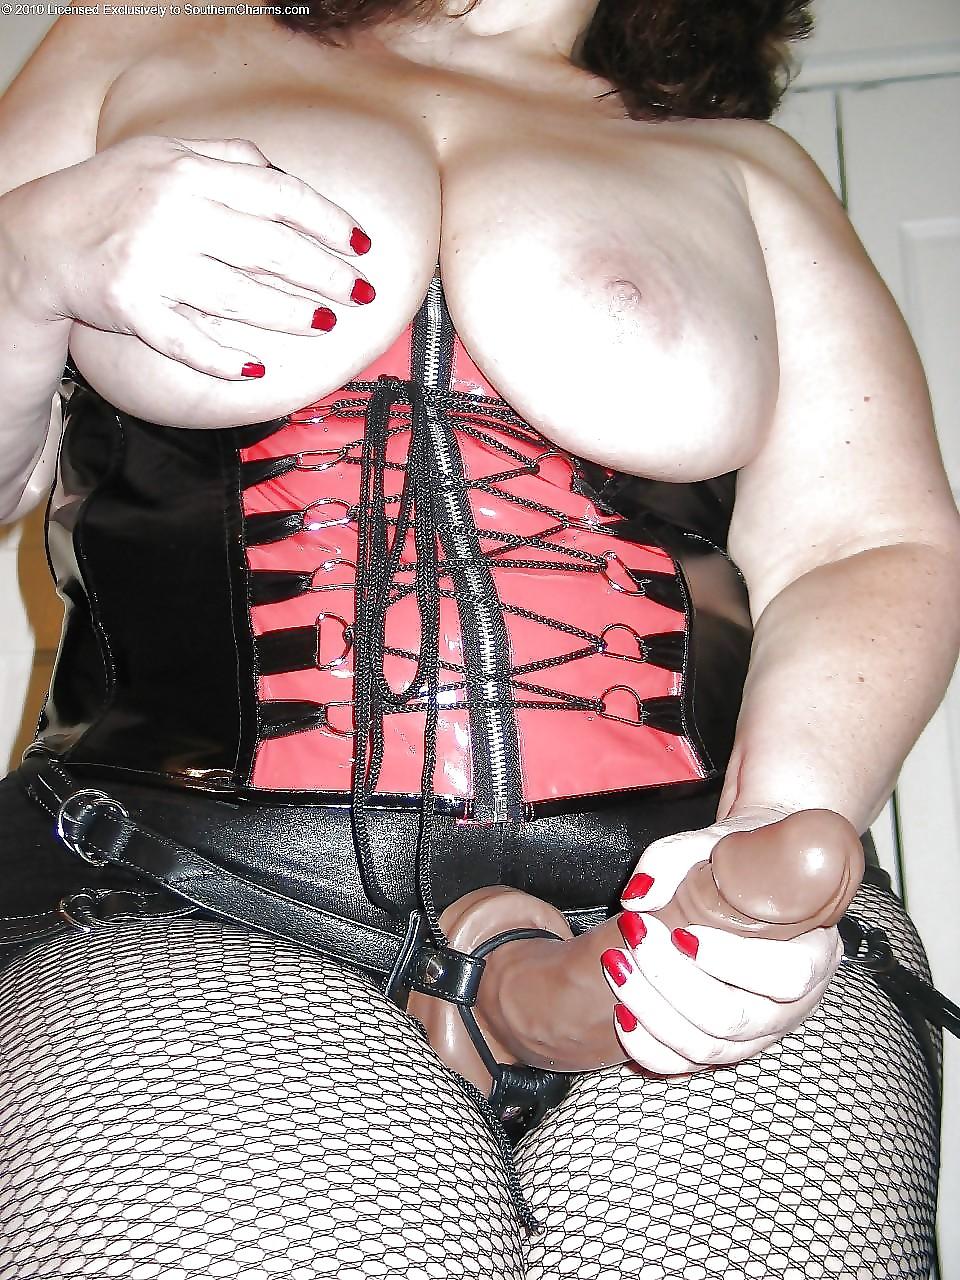 Толстушку порно фото видно